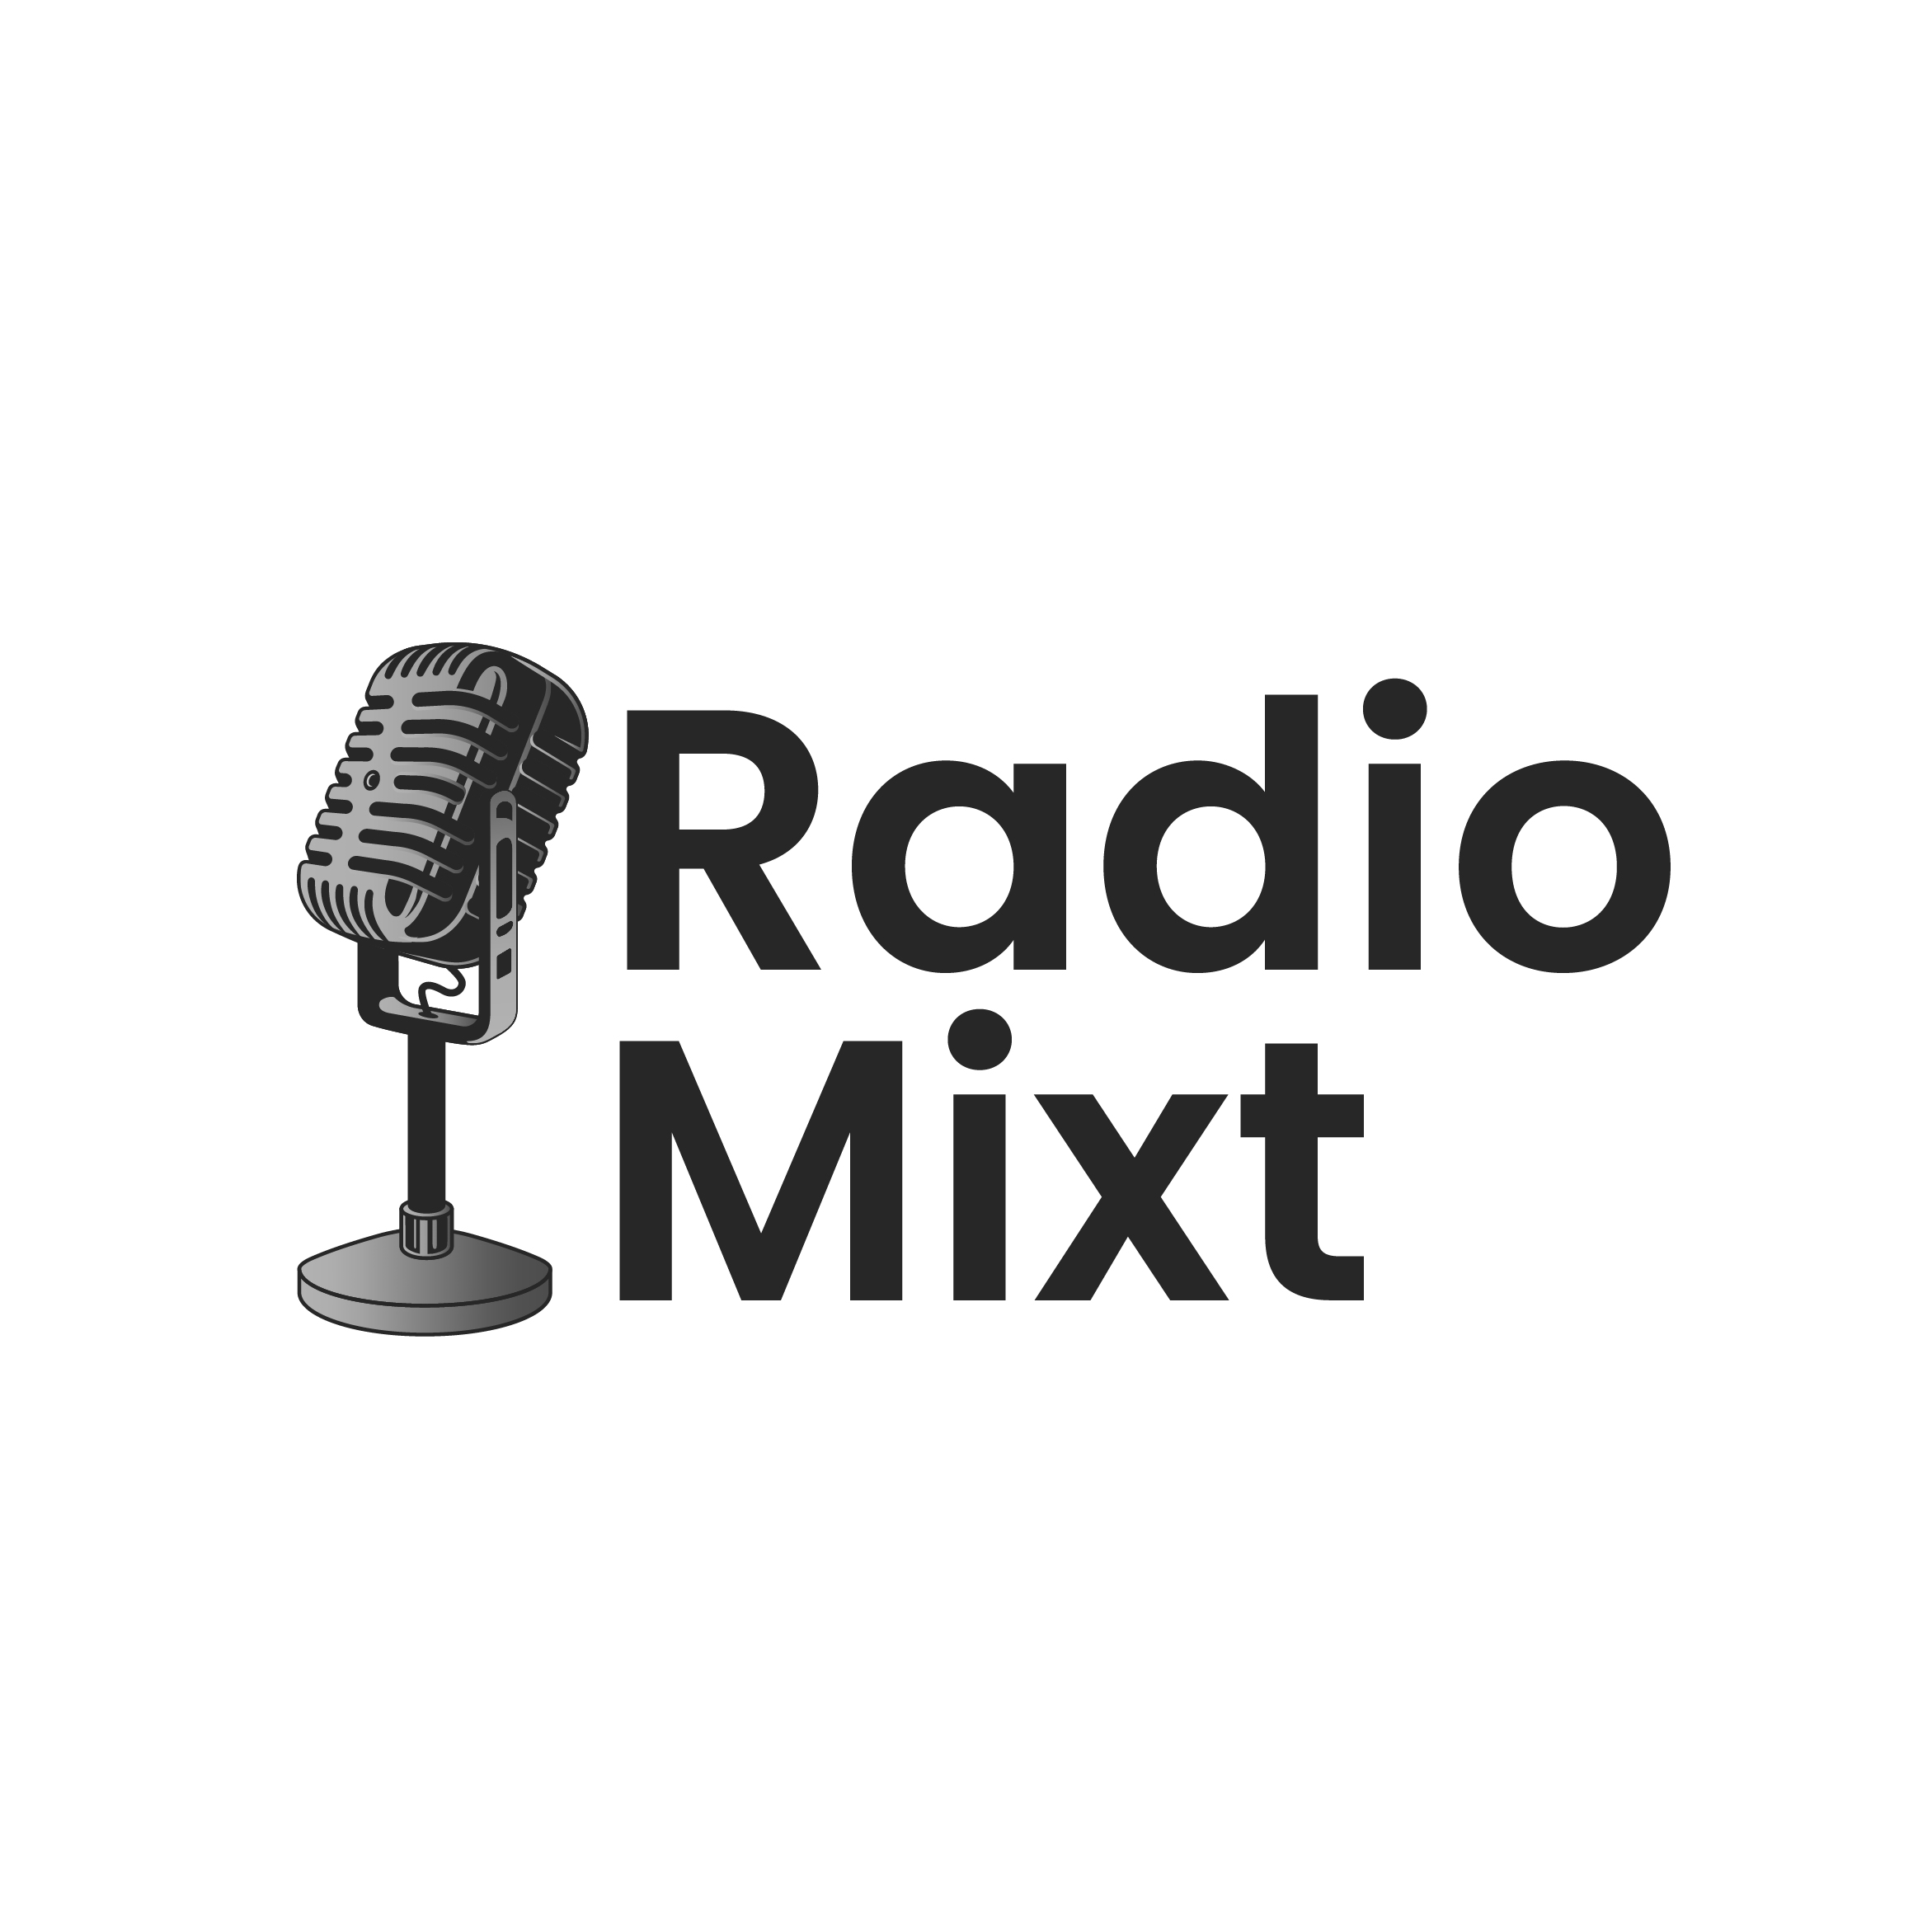 Radio Mixt Romania | Manele - www.radiomixt.ro